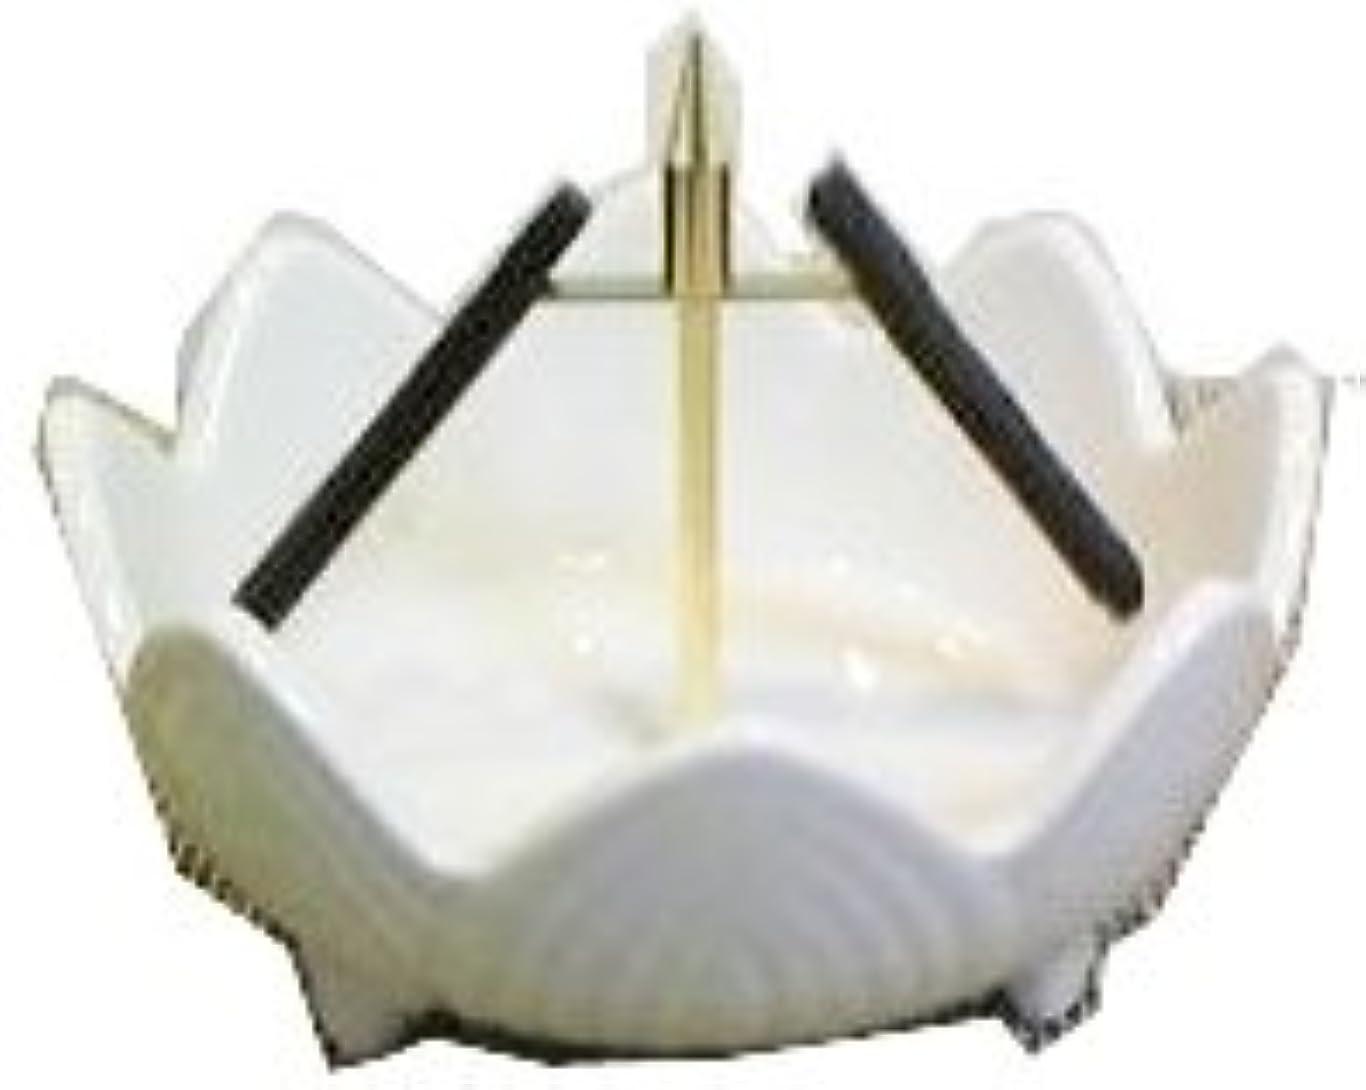 にびっくりしたサーバント天空高級香蓮 渦巻き線香 うずまき 巻き線香 乗せる台 渦巻き線香台 香炉 安全糸無しタイプ 渦巻き線香皿 #842